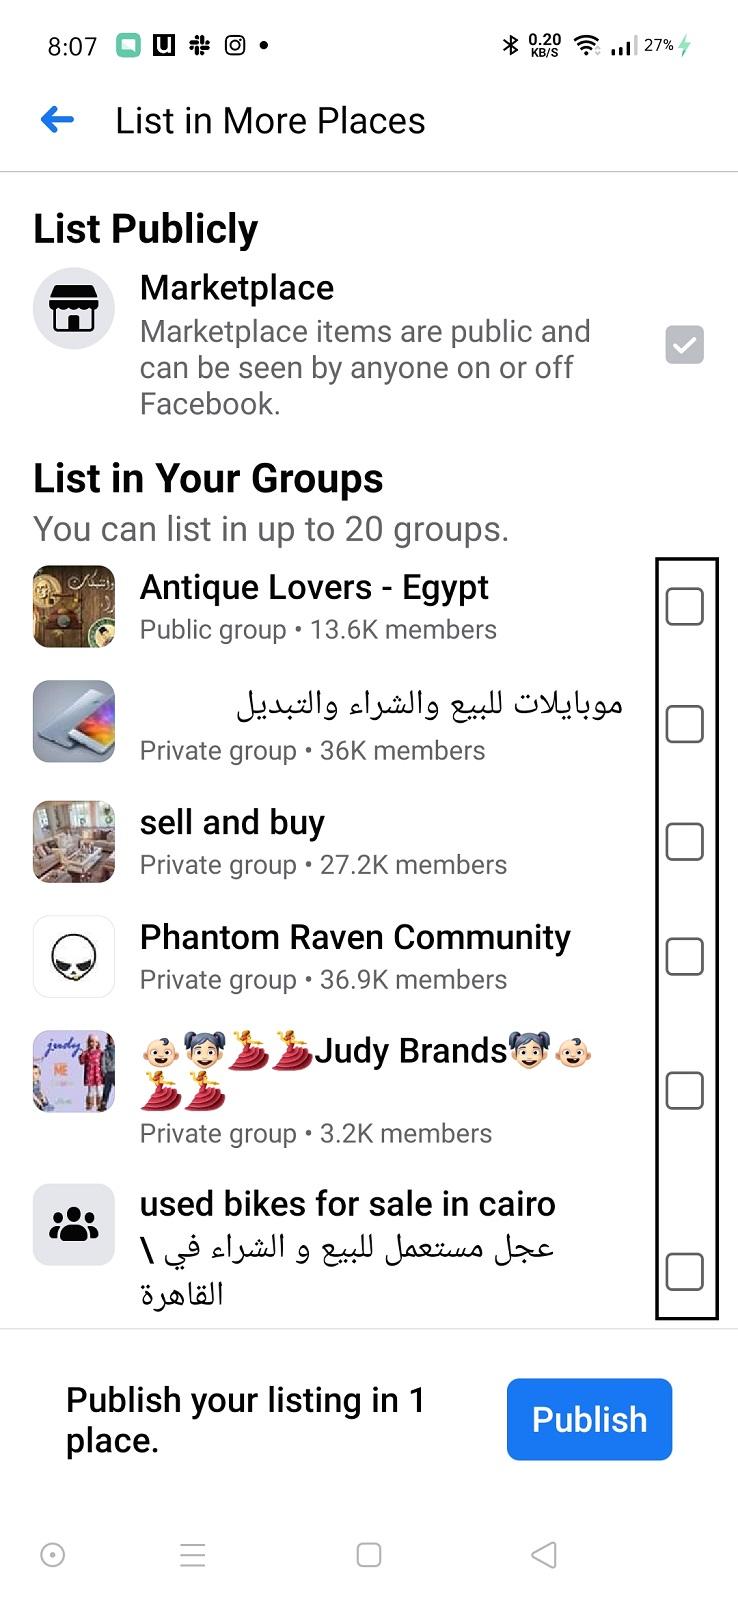 قم بإختيار المجموعات التي قد تريد عرض سلعتك فيها أيضاً.